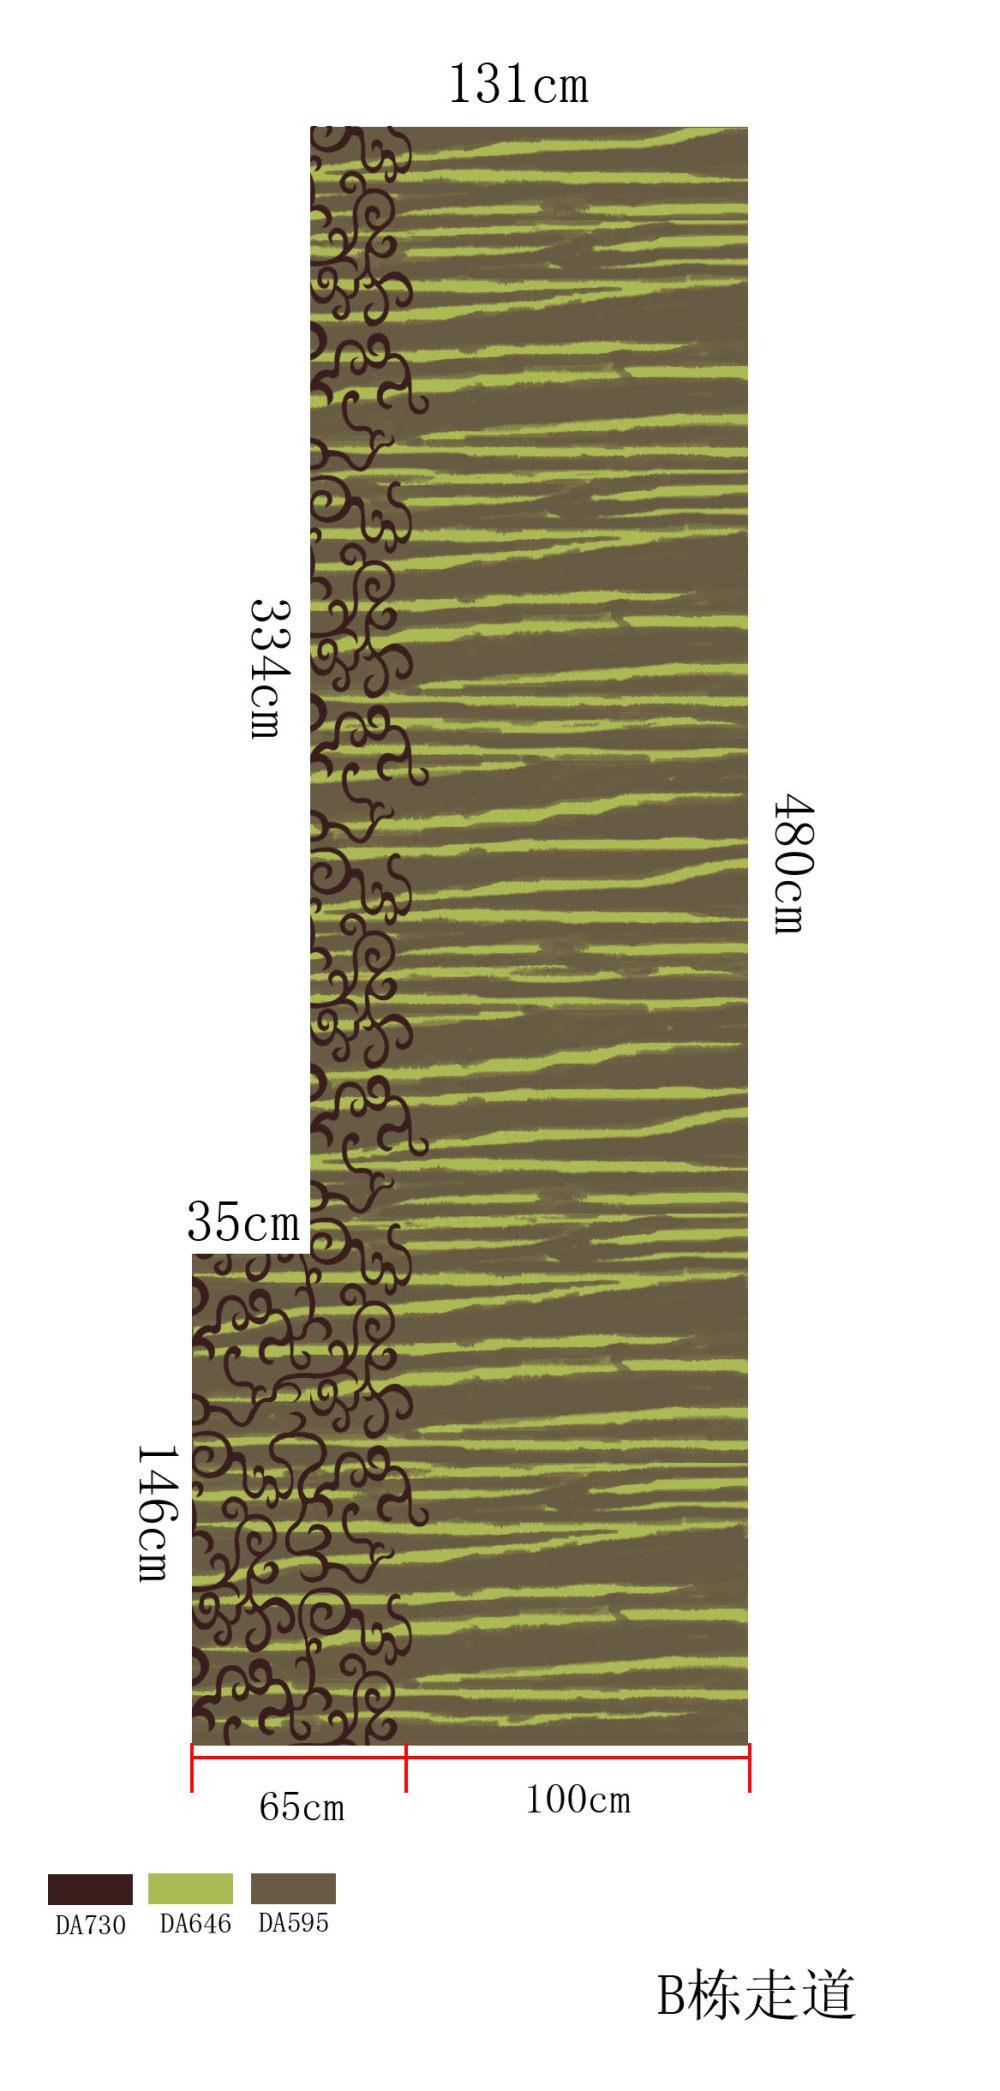 郑中(CCD)--专用地毯高清大图161P_B栋走道效果图.jpg